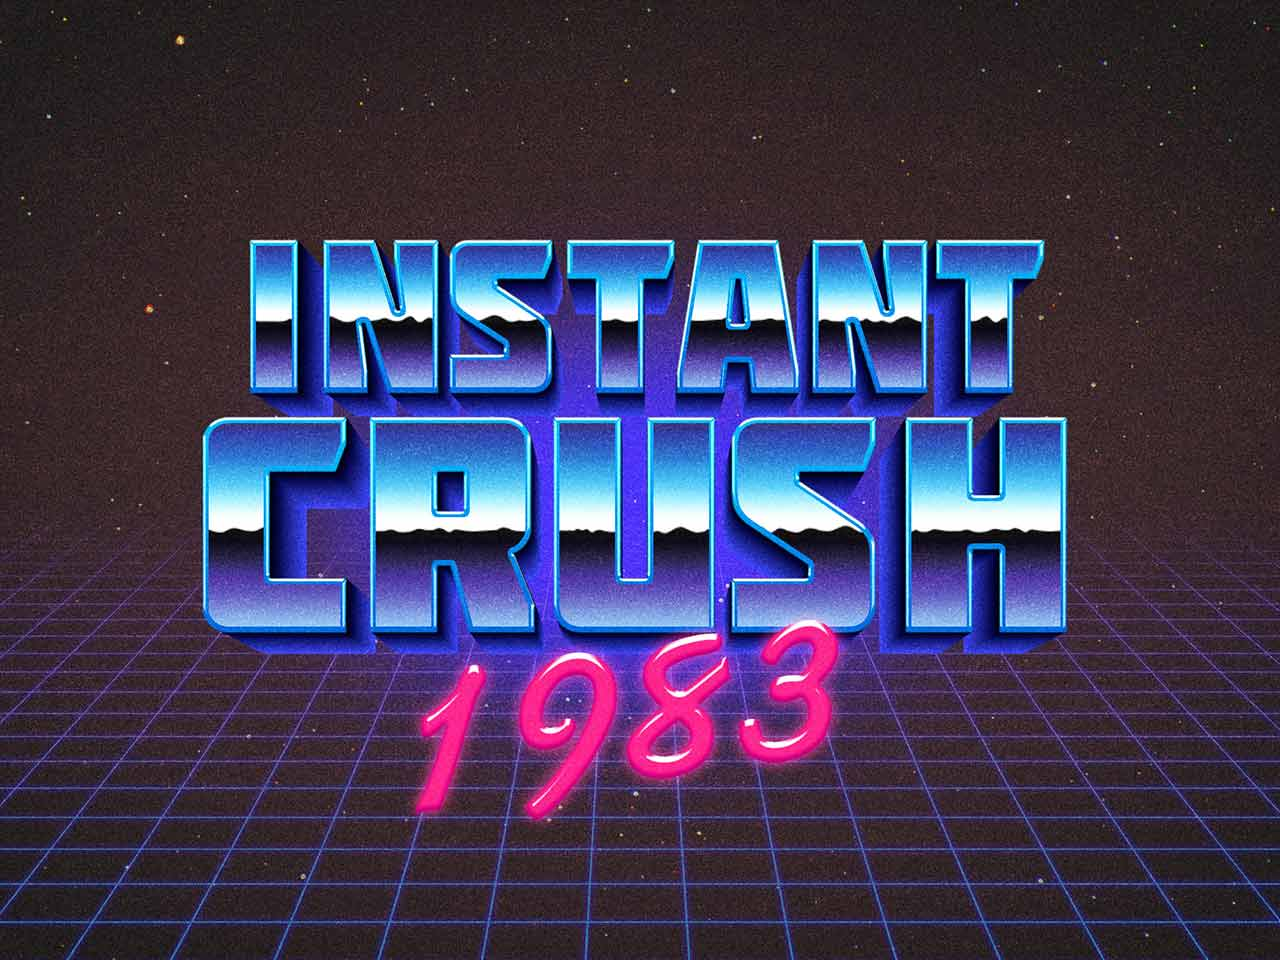 80s Retro Typography Effect